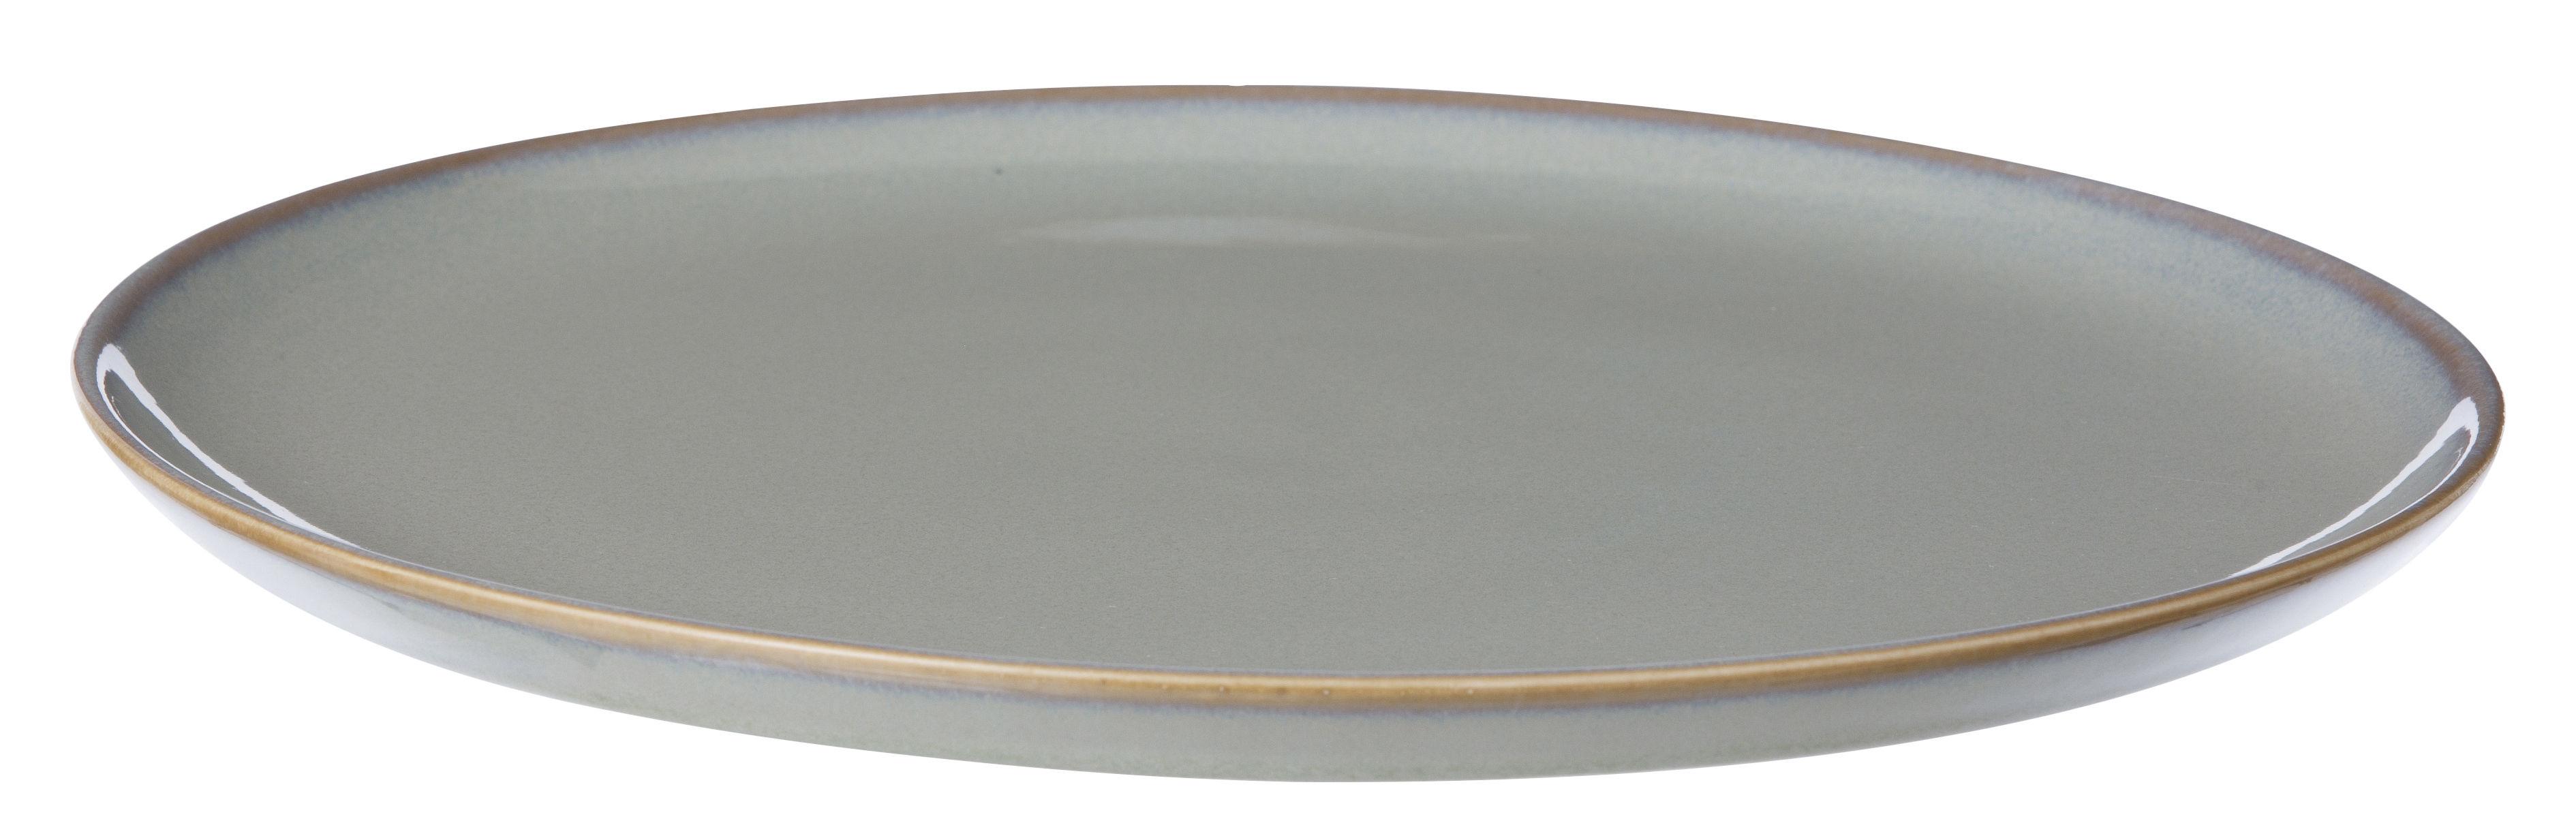 Arts de la table - Assiettes - Assiette Neu / Ø 28 cm - Ferm Living - Gris - Céramique émaillée